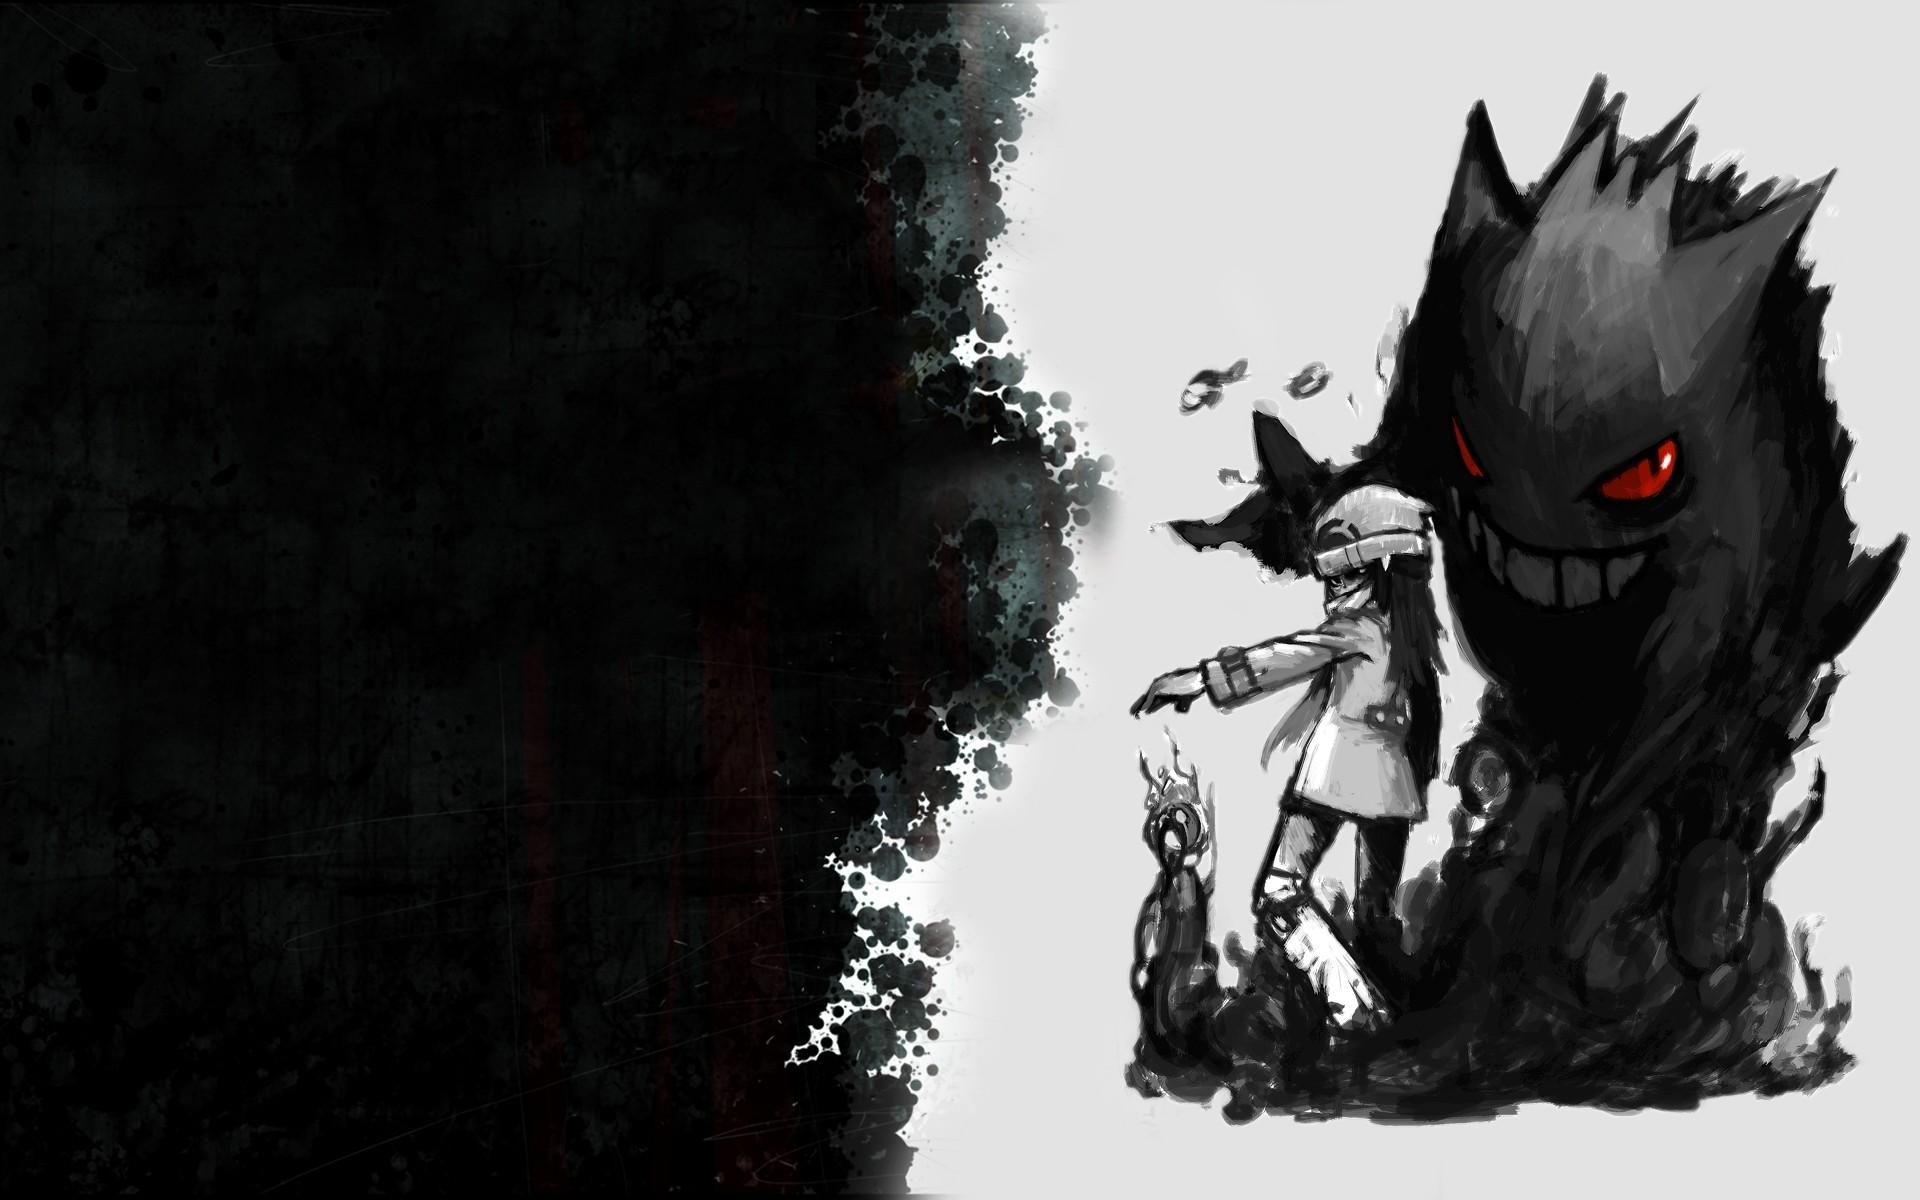 Ghost pokemon wallpaper 72 images - Pokemon ghost wallpaper ...